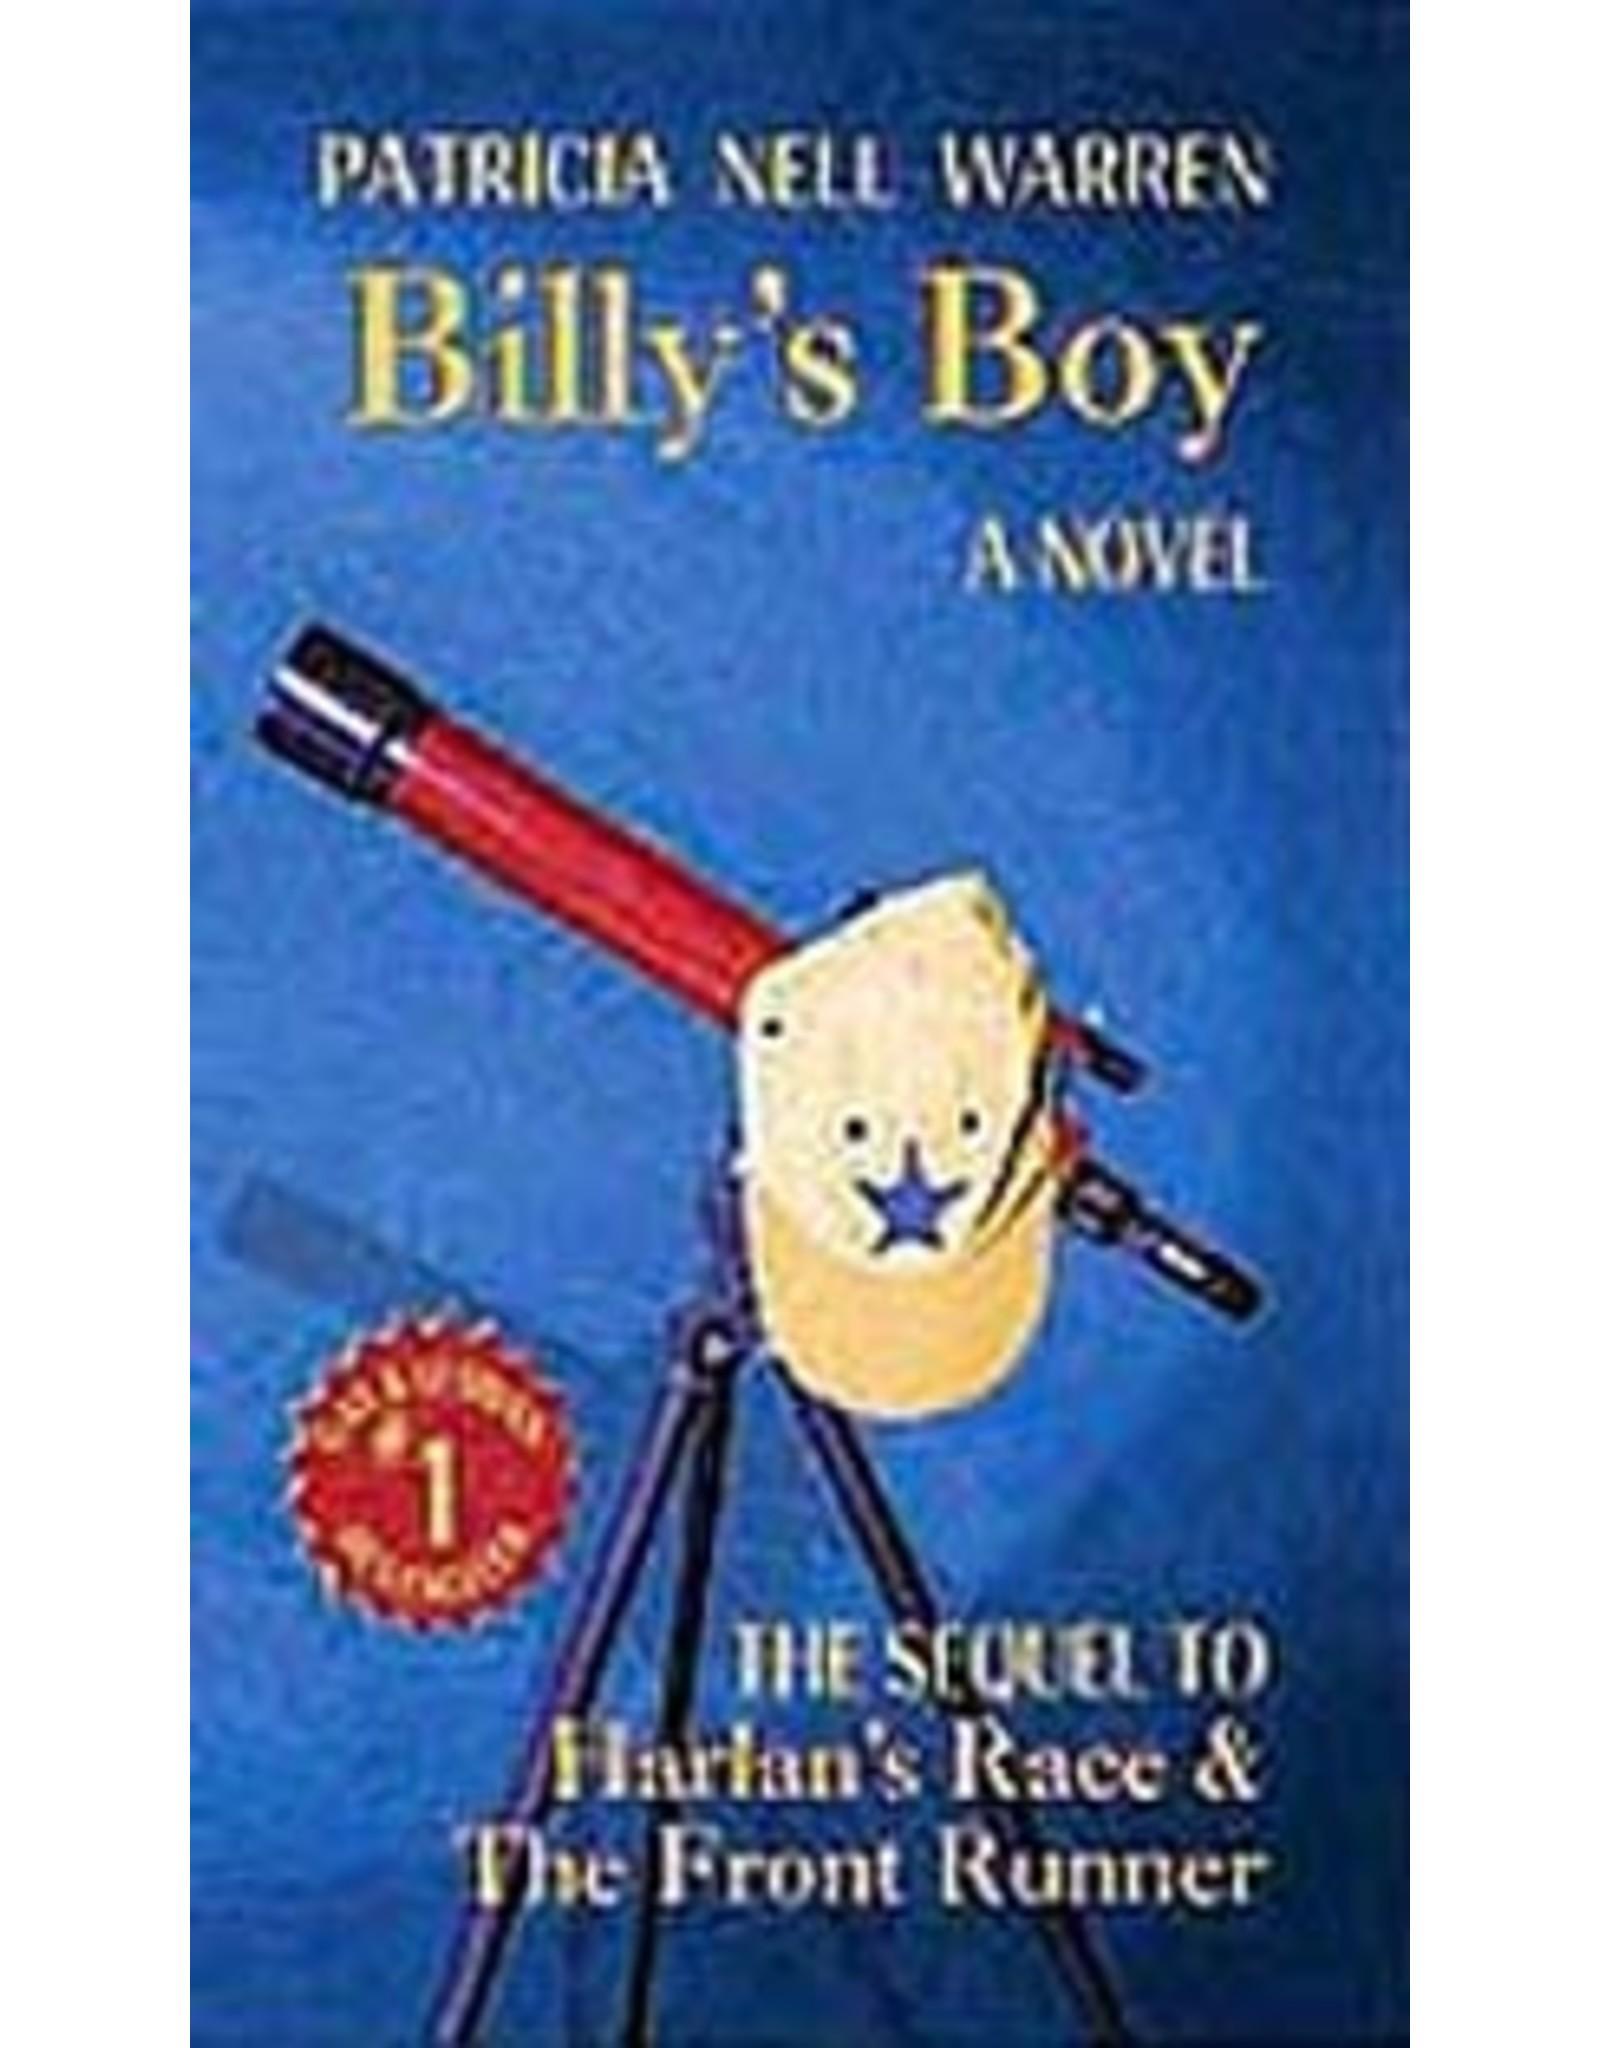 BILLY'S BOY